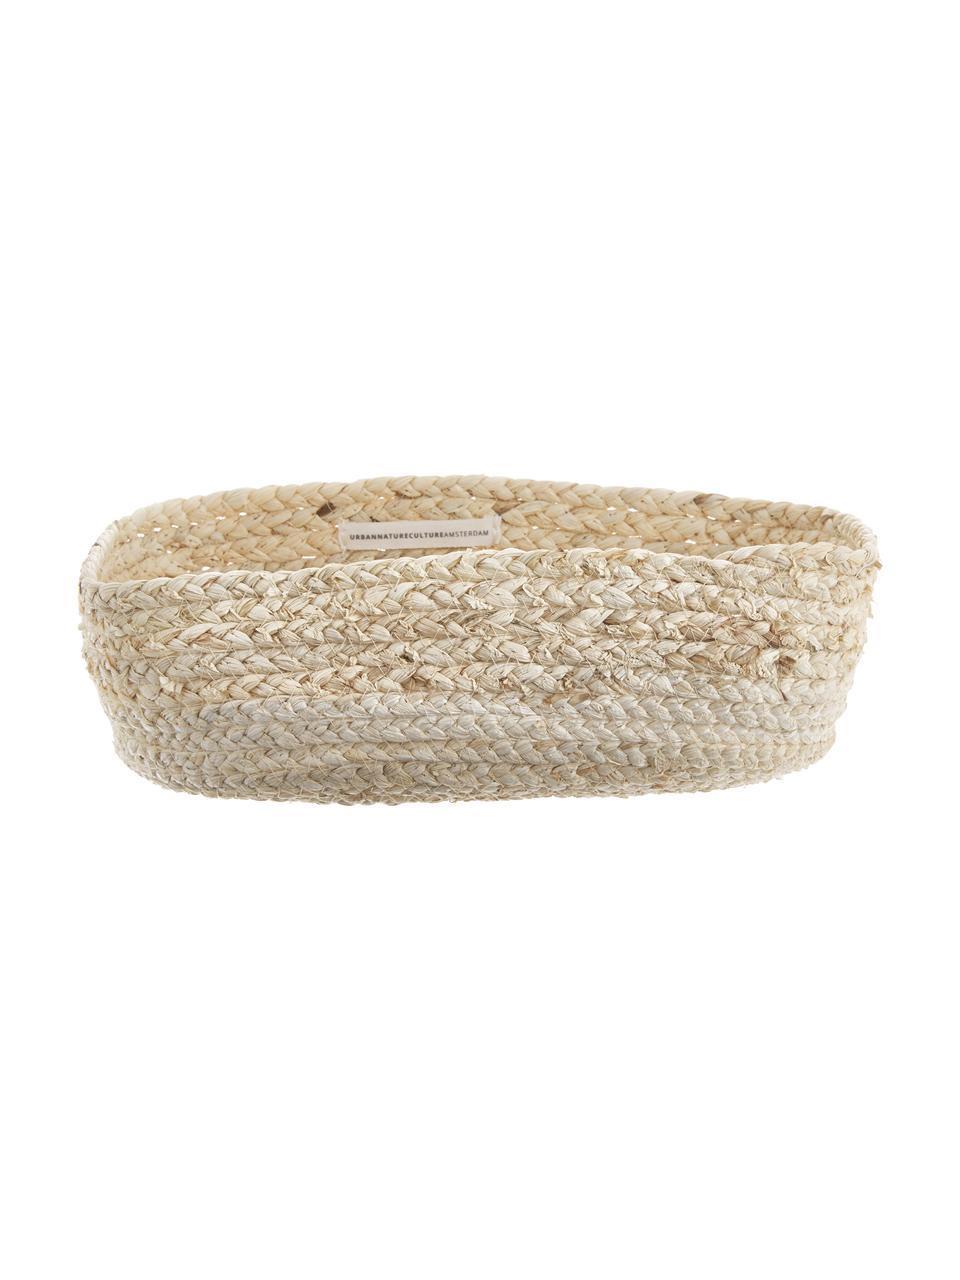 Corbeille à pain artisanale Corinna, 2élém., Beige clair